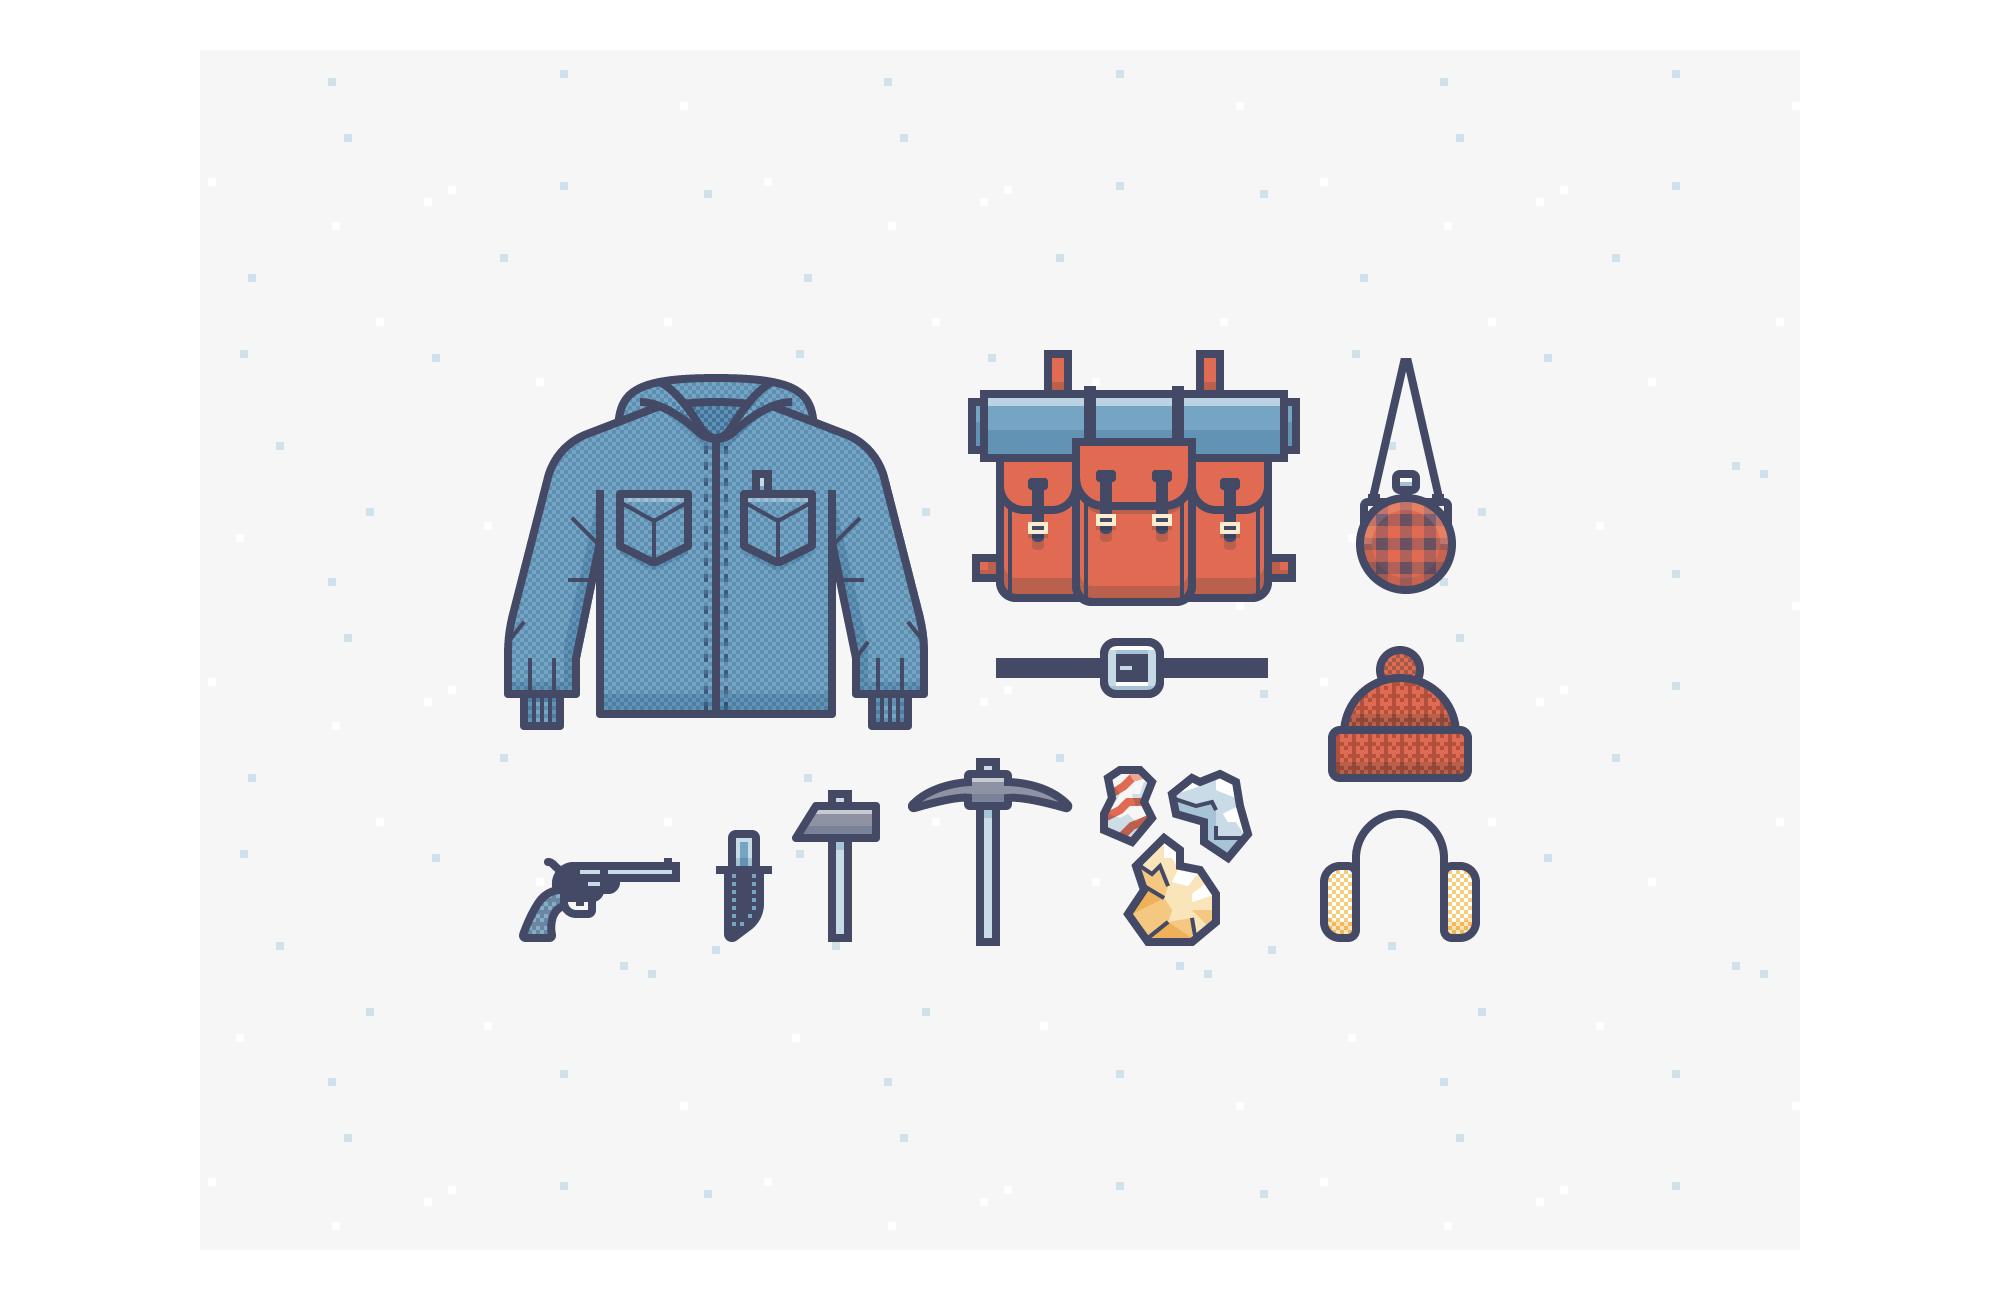 accesorios illustracion 5